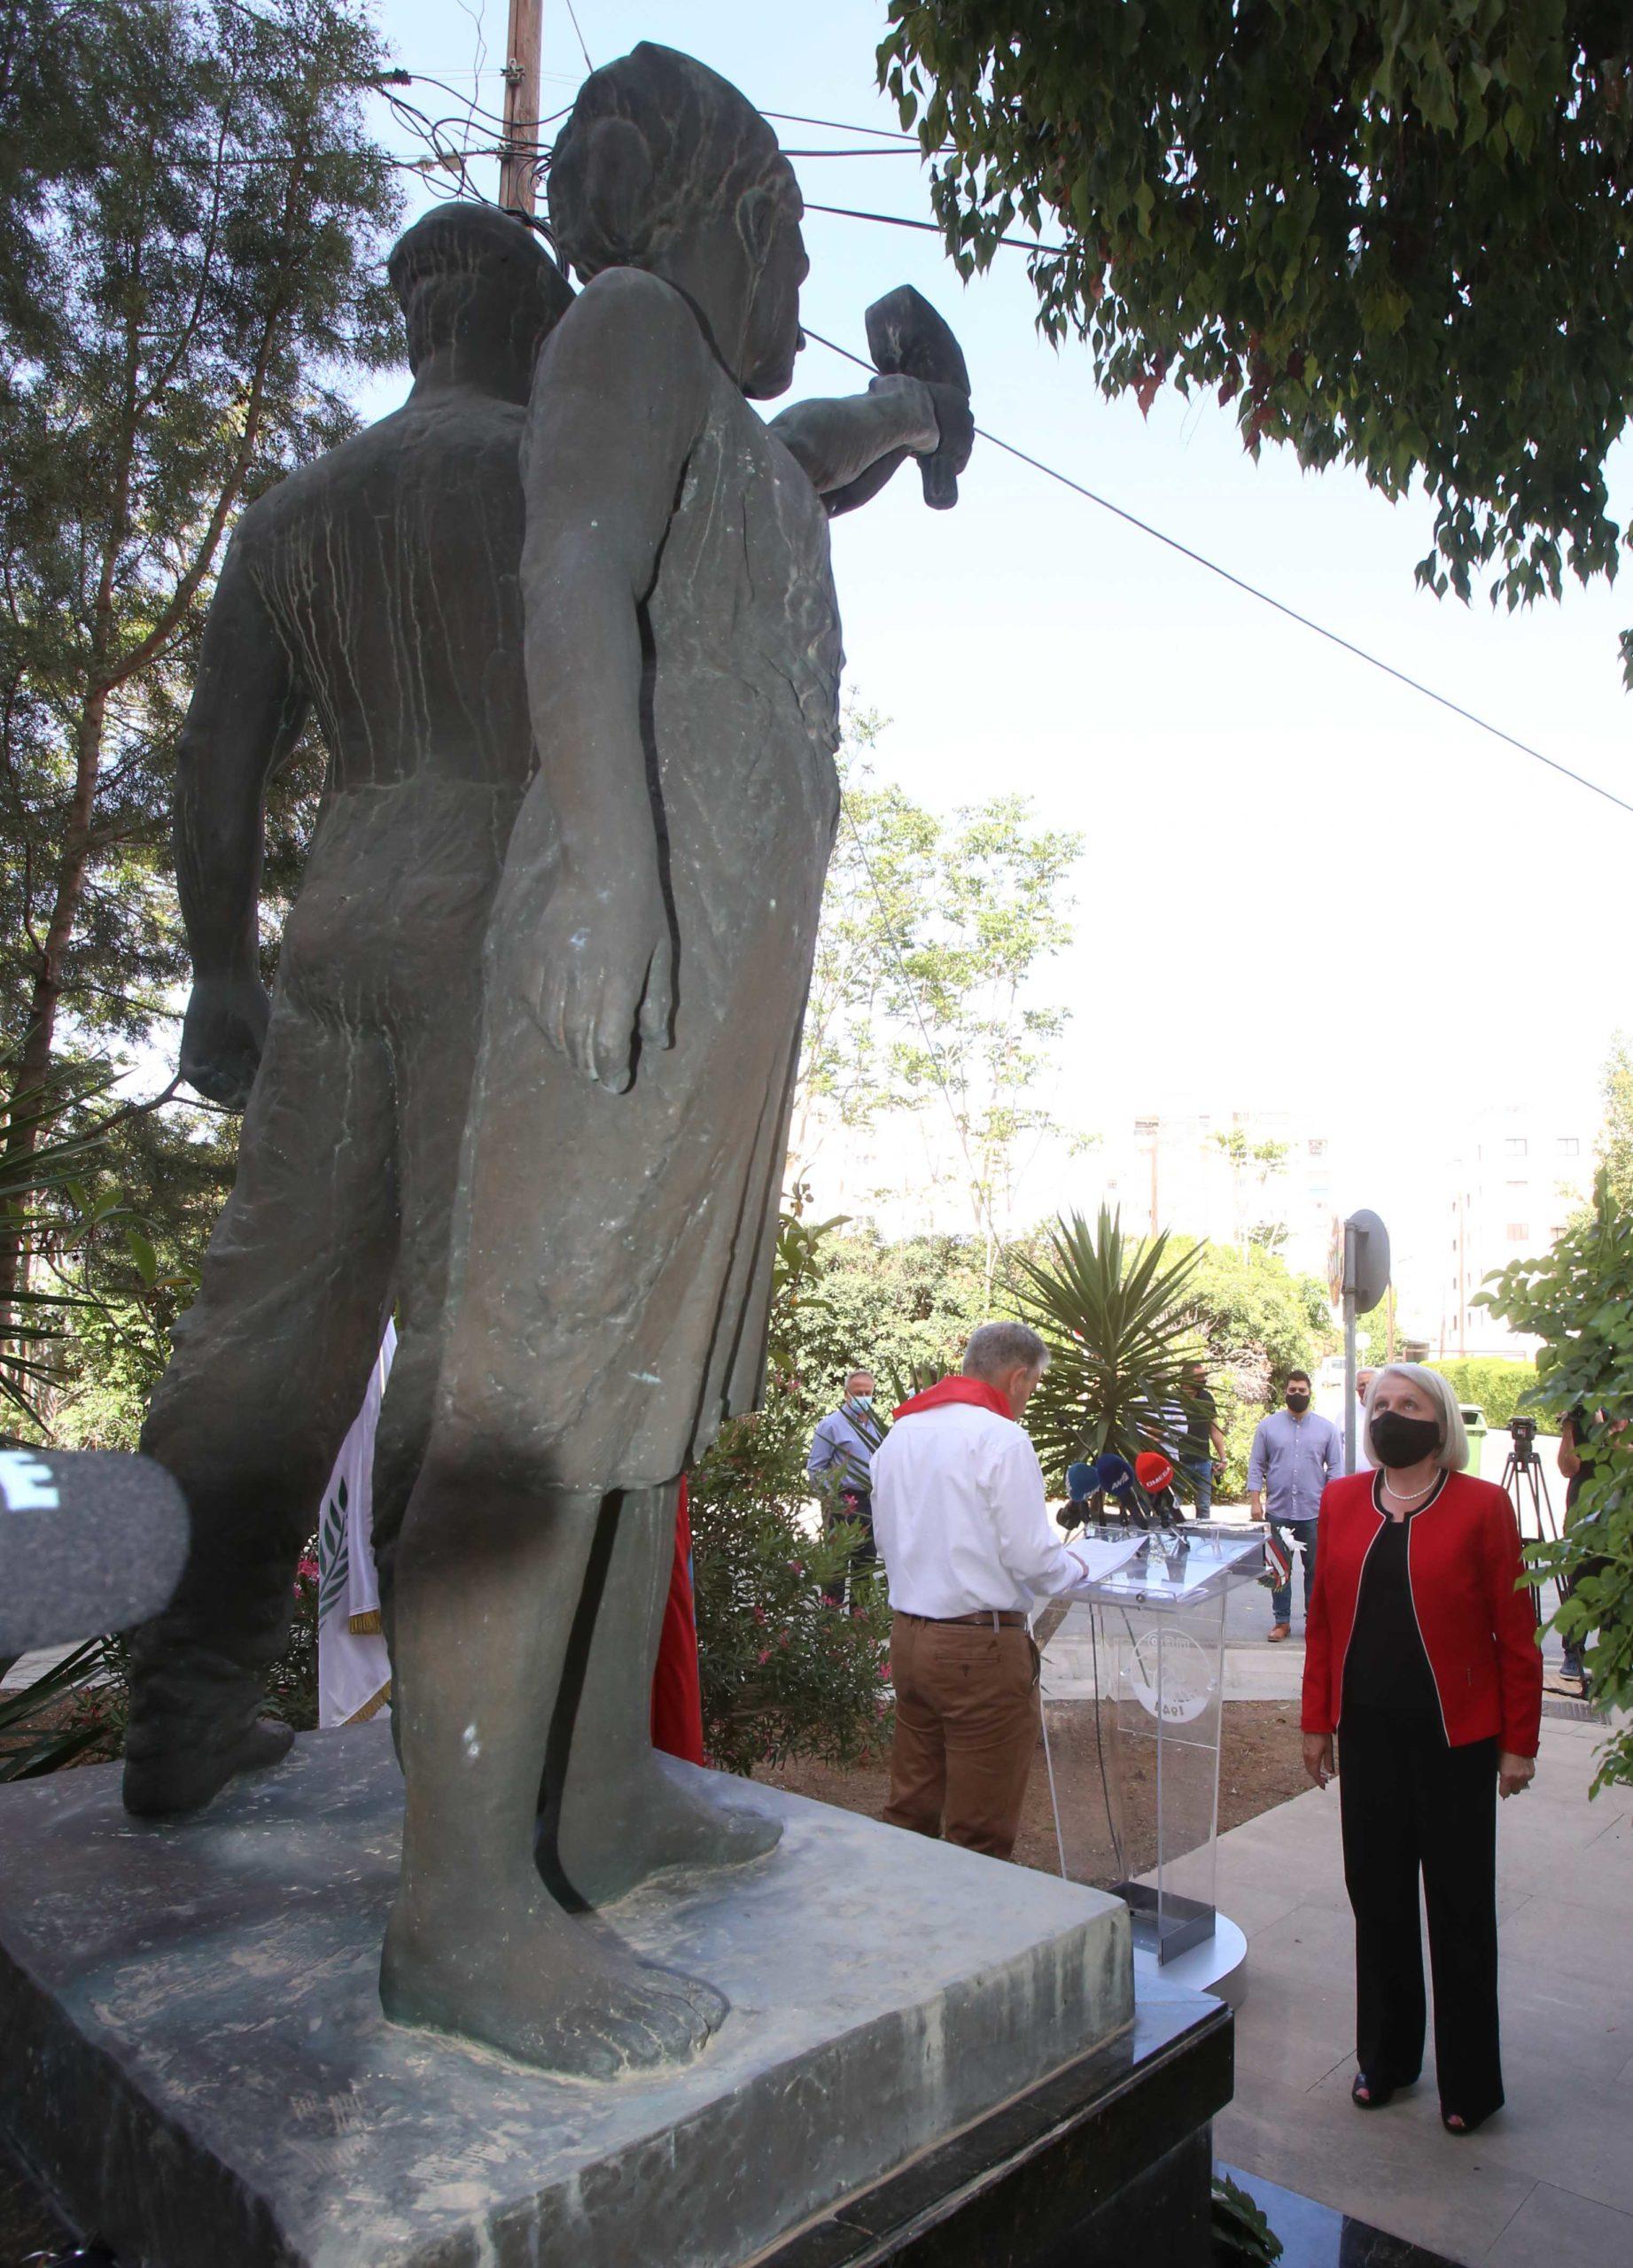 ΠΕΟ Συμβολική εκδήλωση για την Εργατική Πρωτομαγιά PROTOMAGIA PEO AKEL 7 scaled